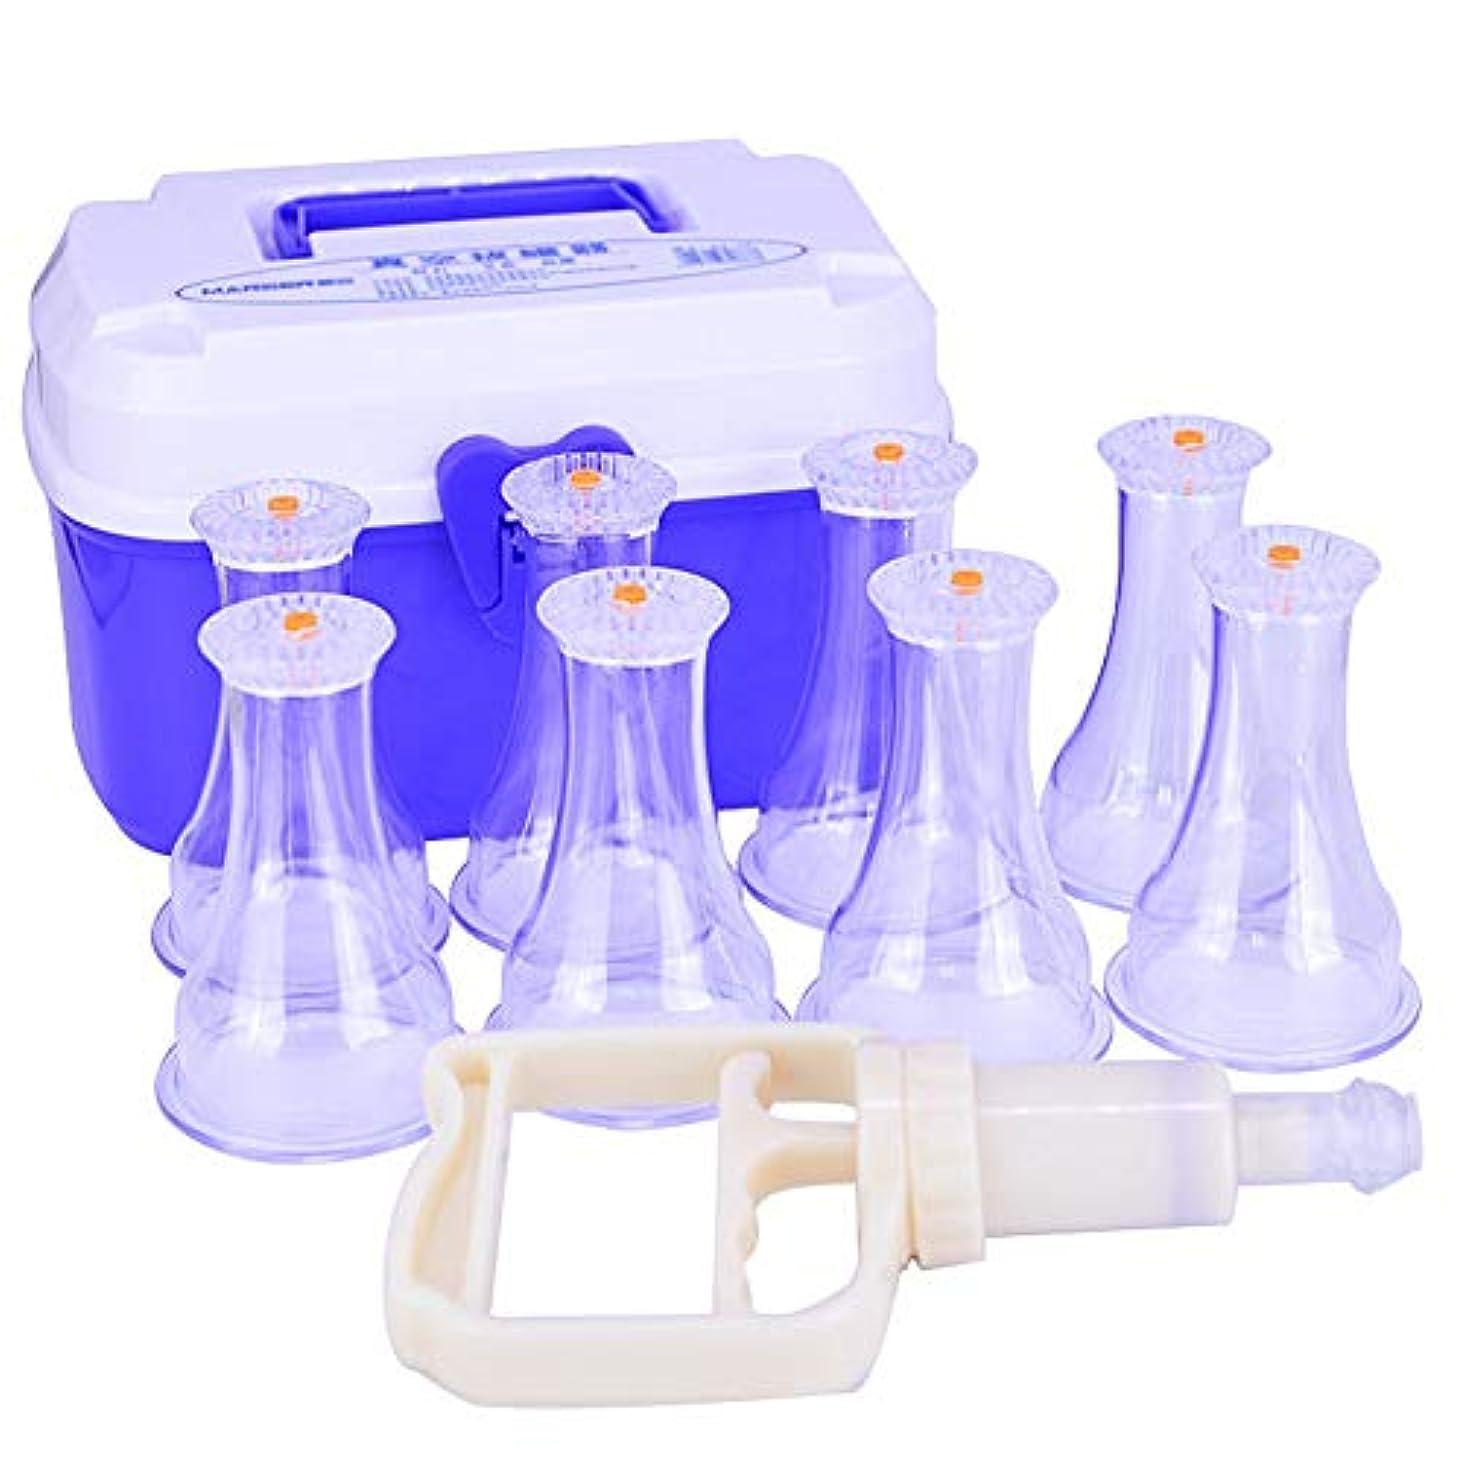 テープラップ徐々に8カップカッピングセットプラスチック、真空吸引生体磁気中国療法カップ、収納ボックスポンプ付き医療、ボディマッサージの痛みを軽減する物理的排泄毒素